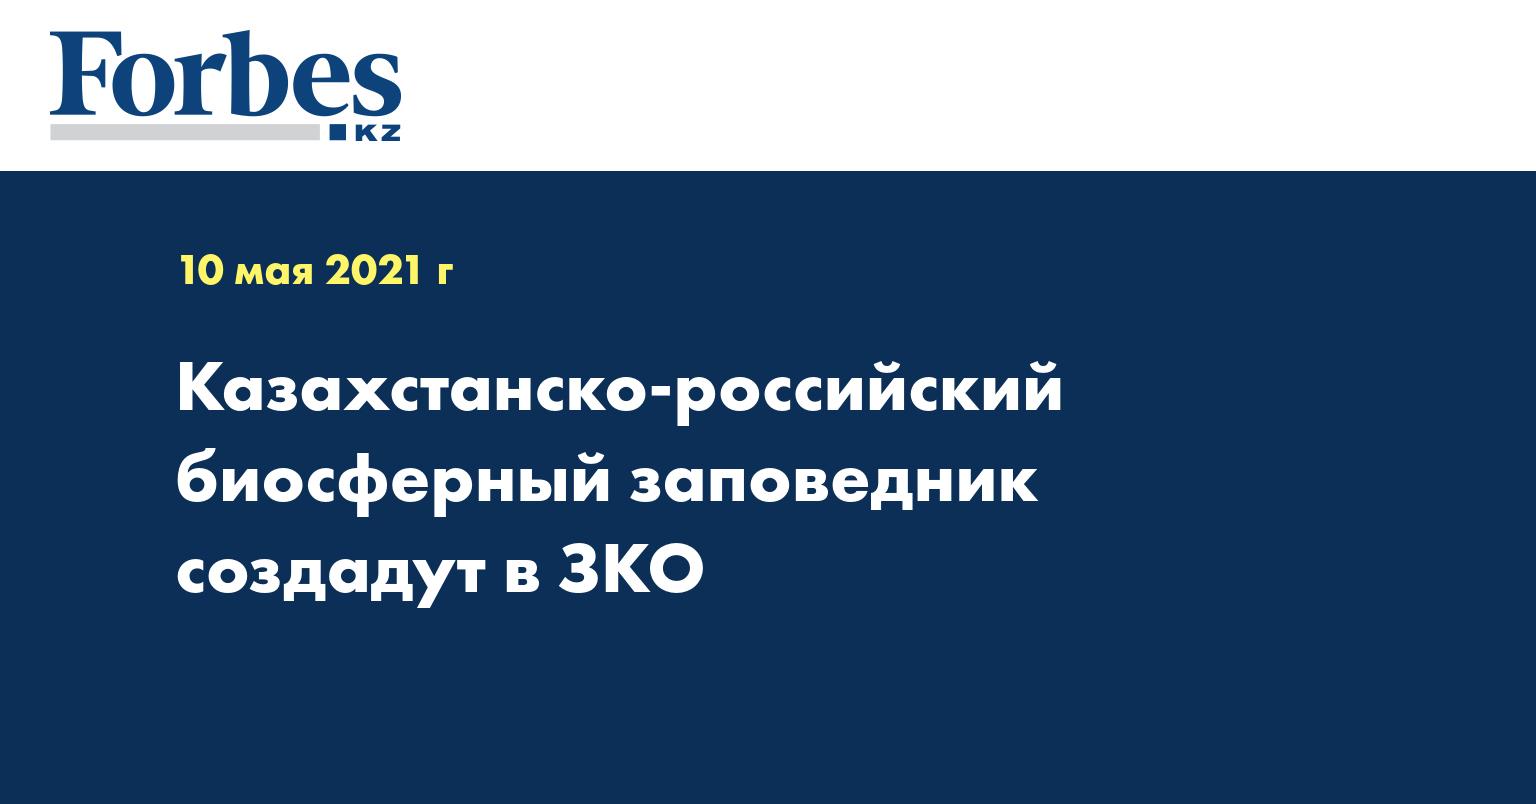 Казахстанско-российский биосферный заповедник создадут в ЗКО